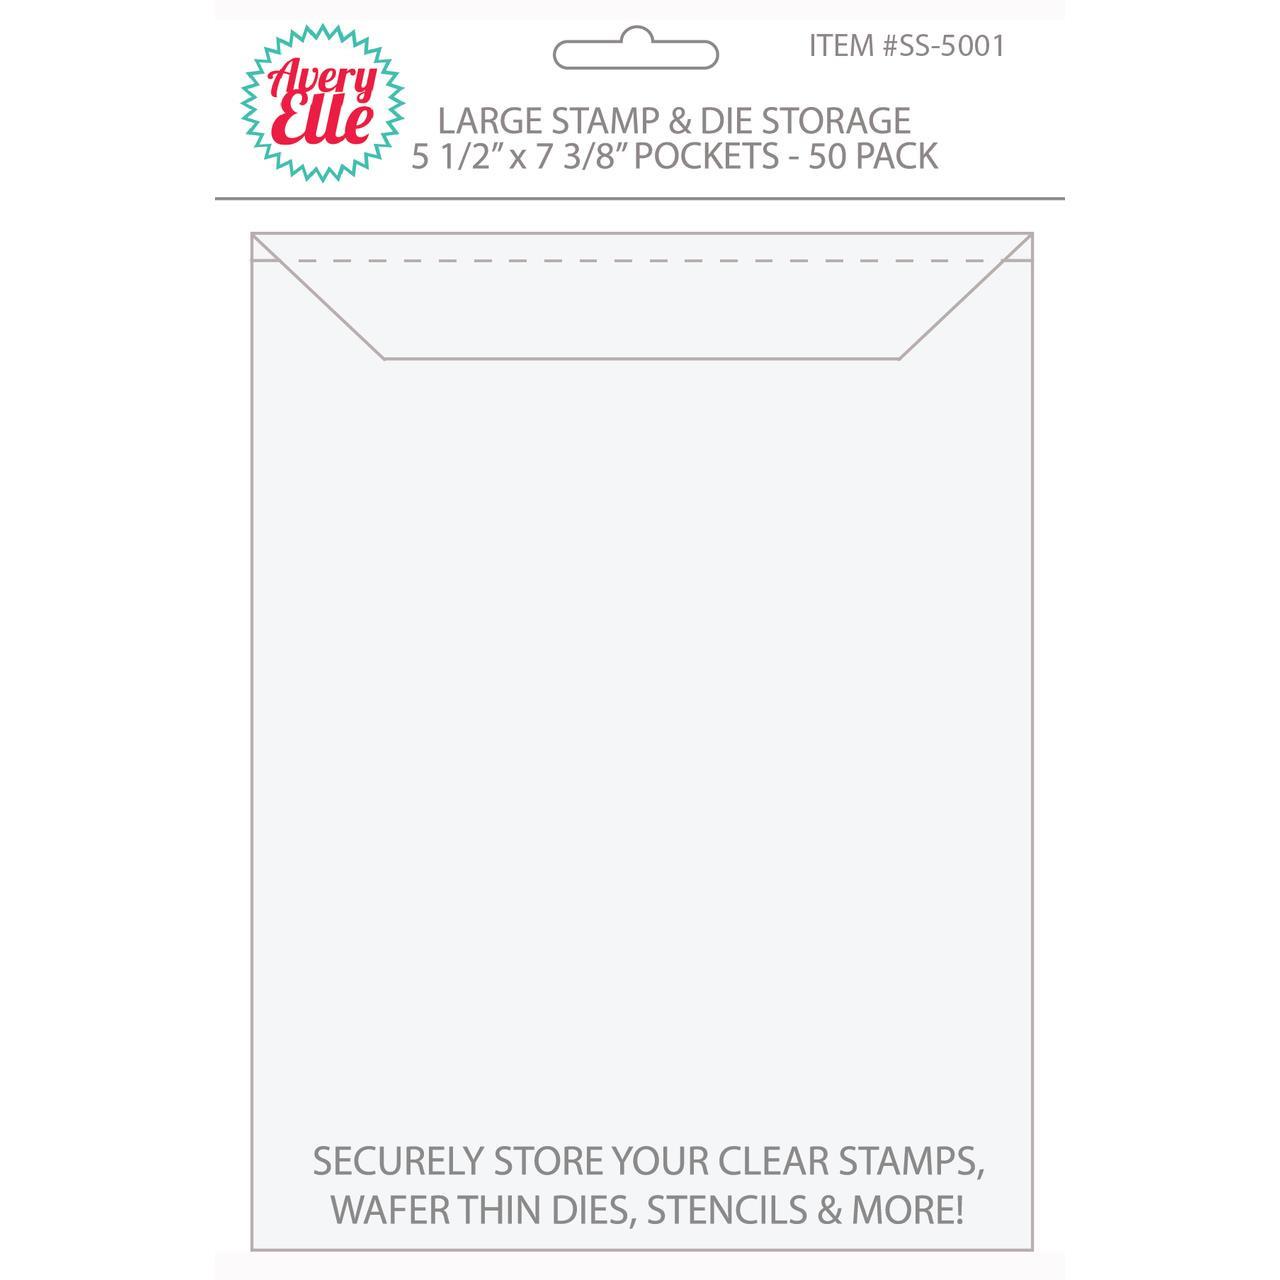 Large -50 pk, Avery Elle Stamp & Die Storage Pockets -